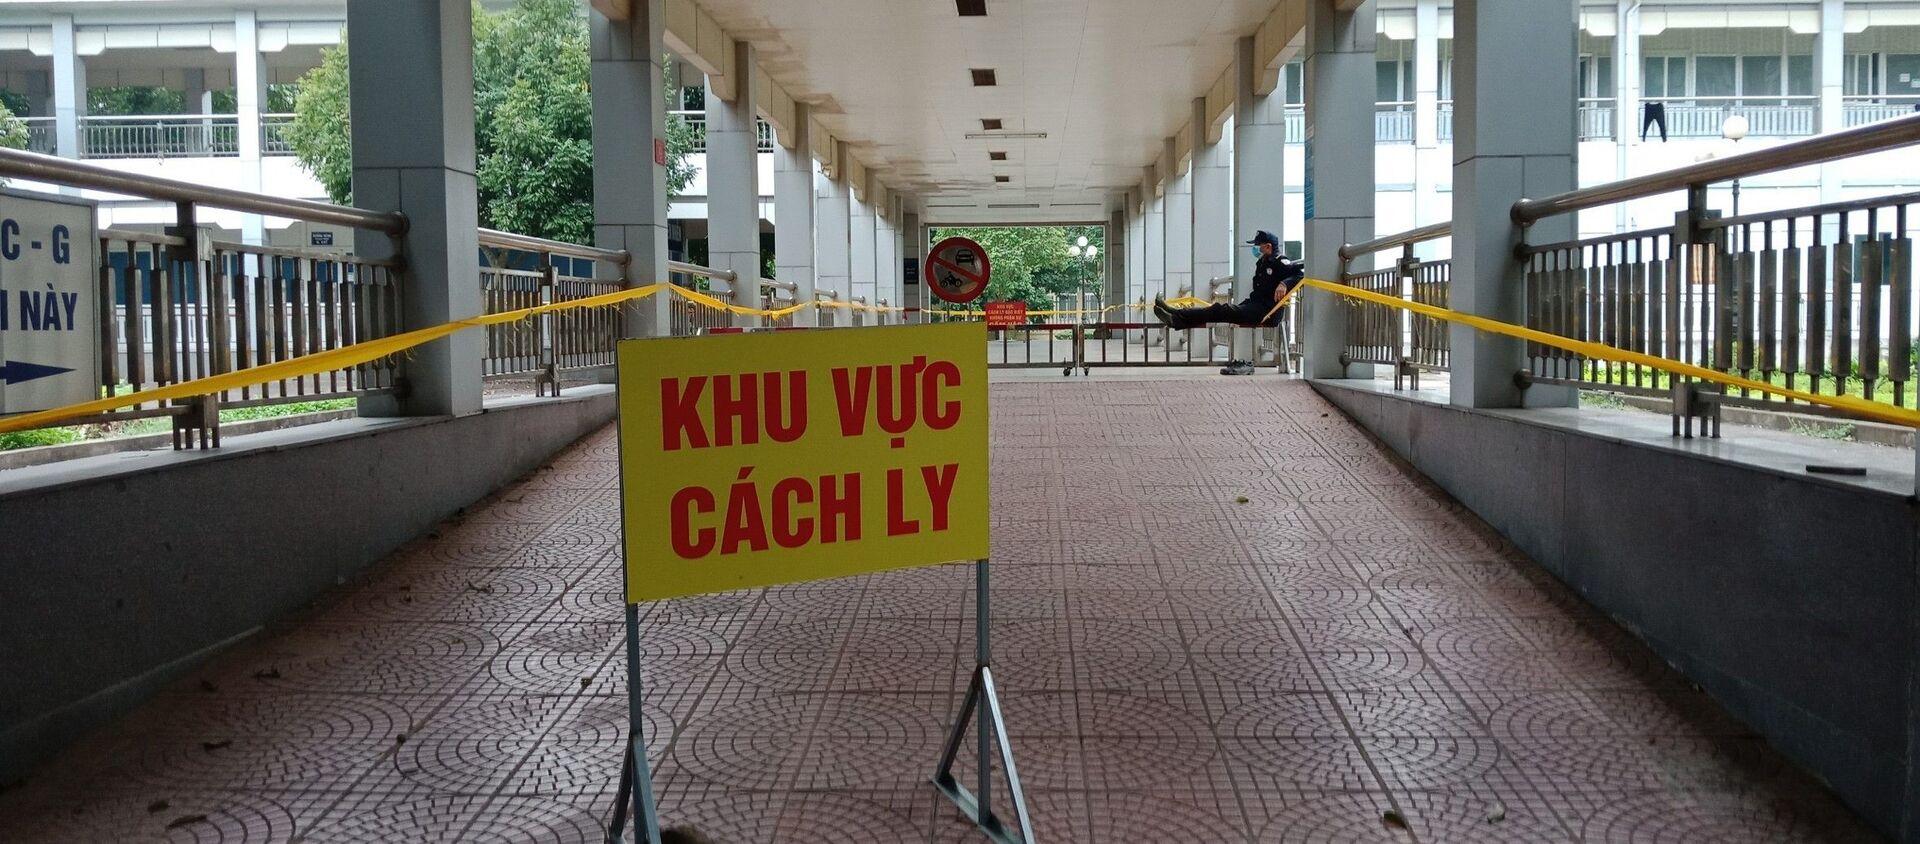 Khu vực cách ly được bố trí biệt lập tại Bệnh viện Đa khoa tỉnh Ninh Bình. - Sputnik Việt Nam, 1920, 07.08.2021